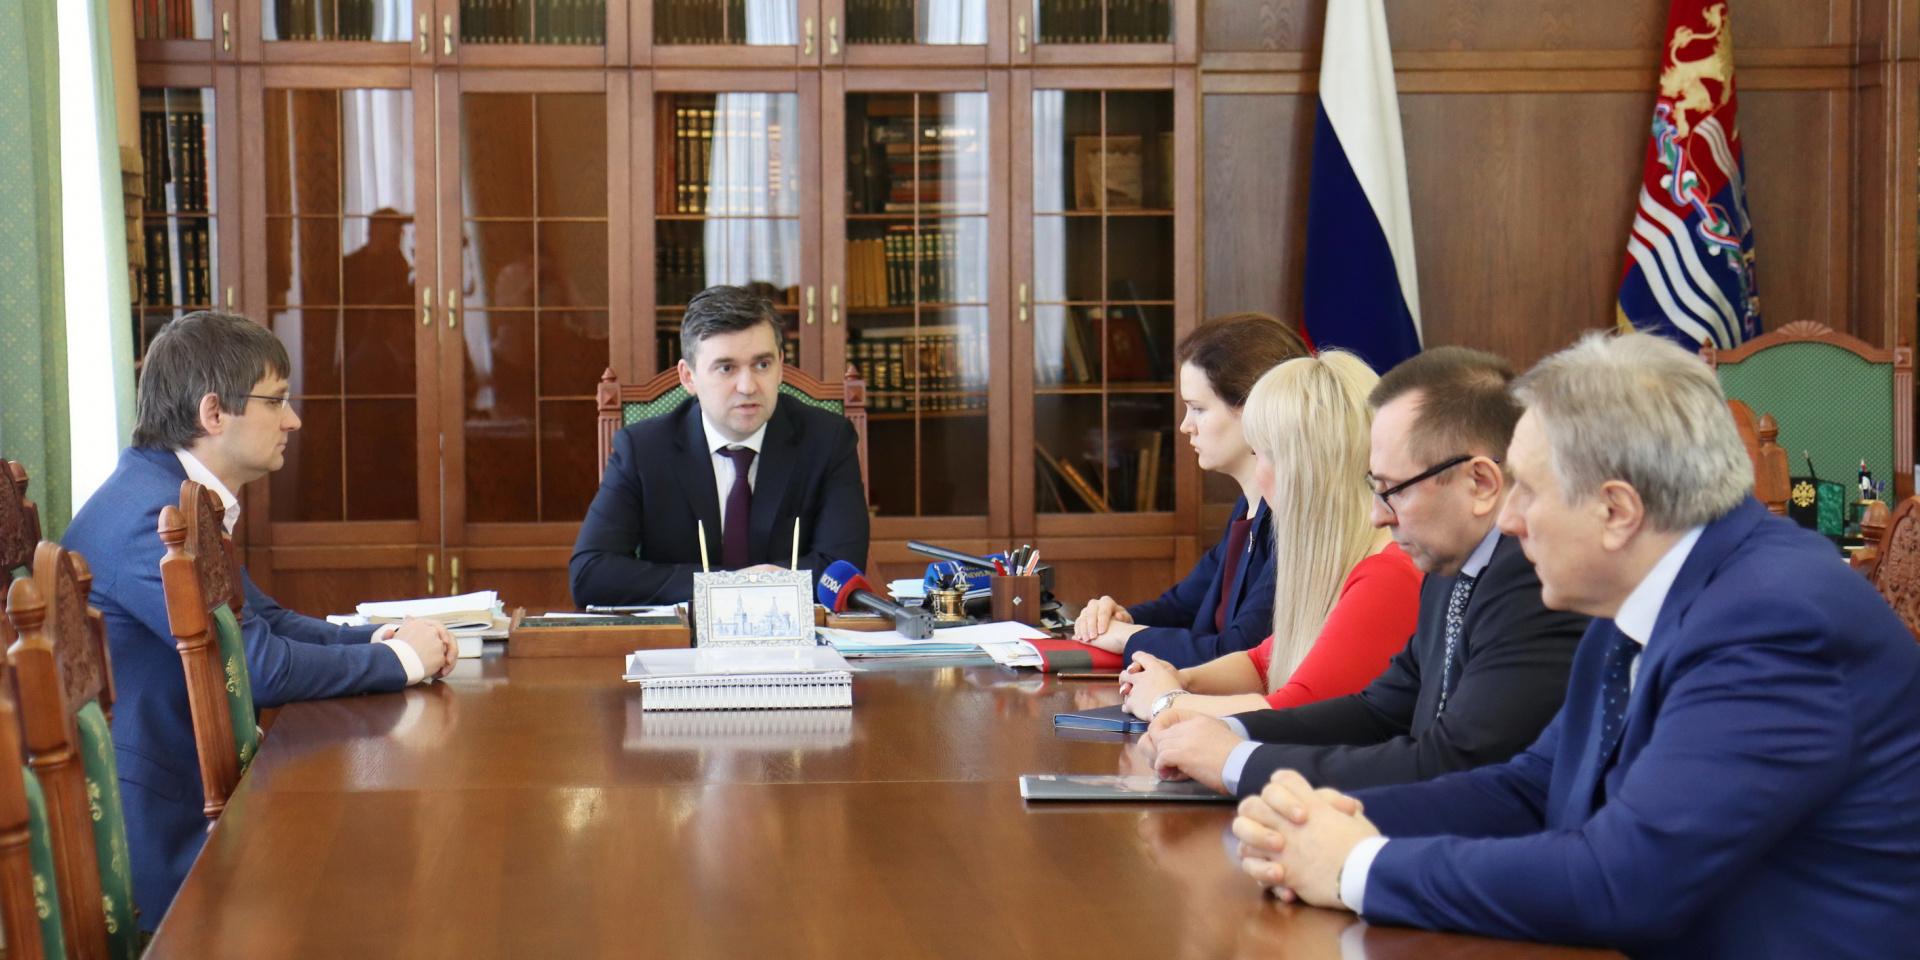 Бизнесу Иваново из-за коронавируса могут отложить выплату кредитов